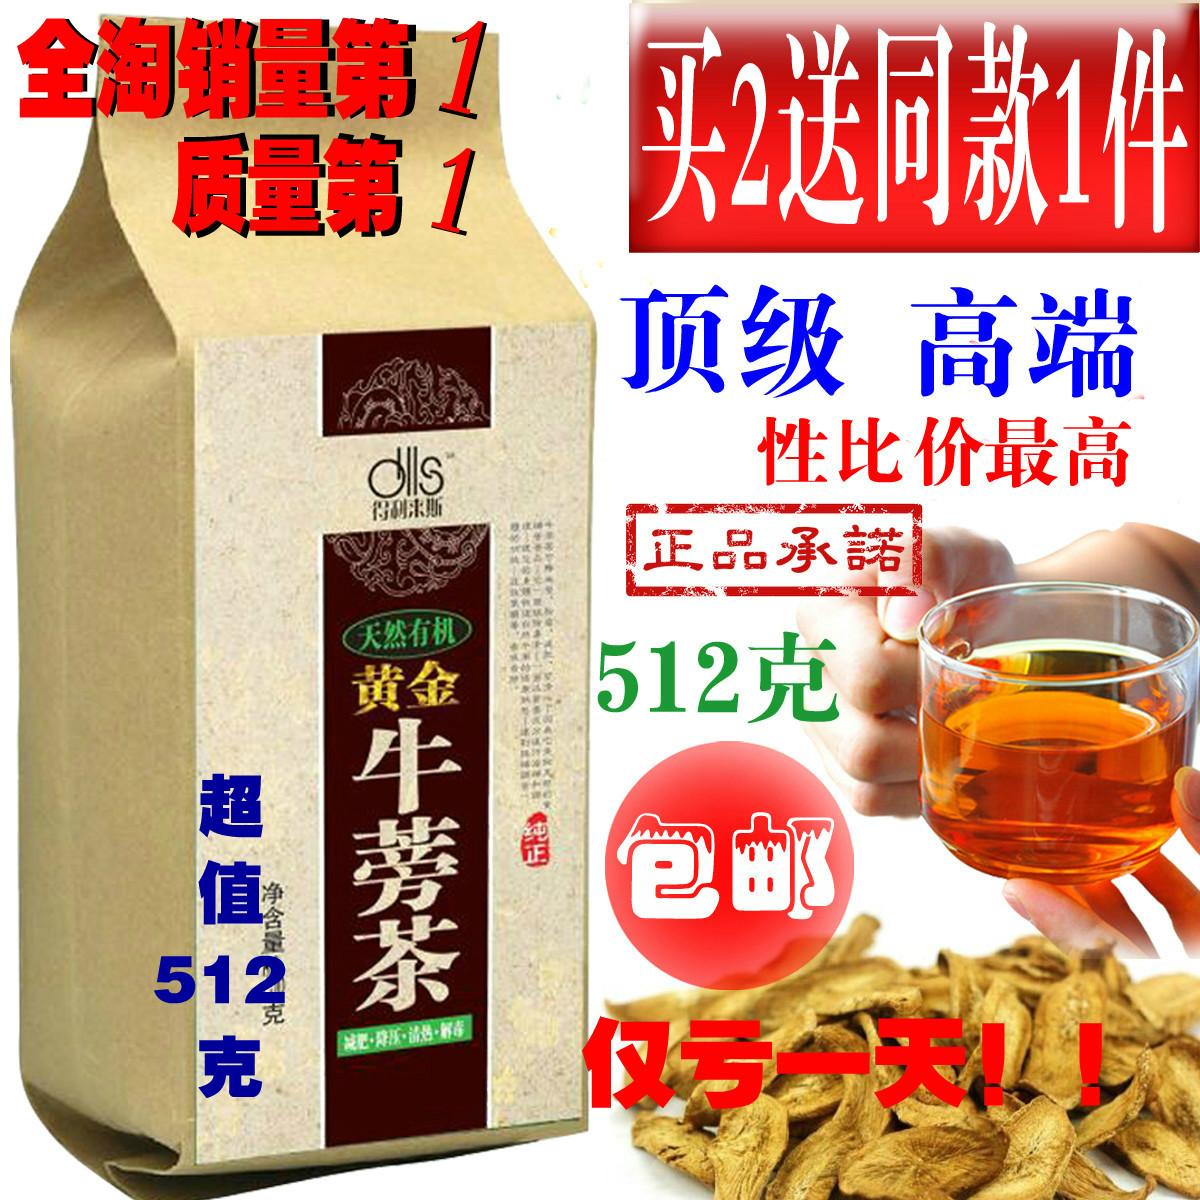 Delarue, лопух чай 512 граммов золота быка мочевого пузыря помощи здоровья продуктов пакет электронной почты купить 2 бесплатно 1 кг